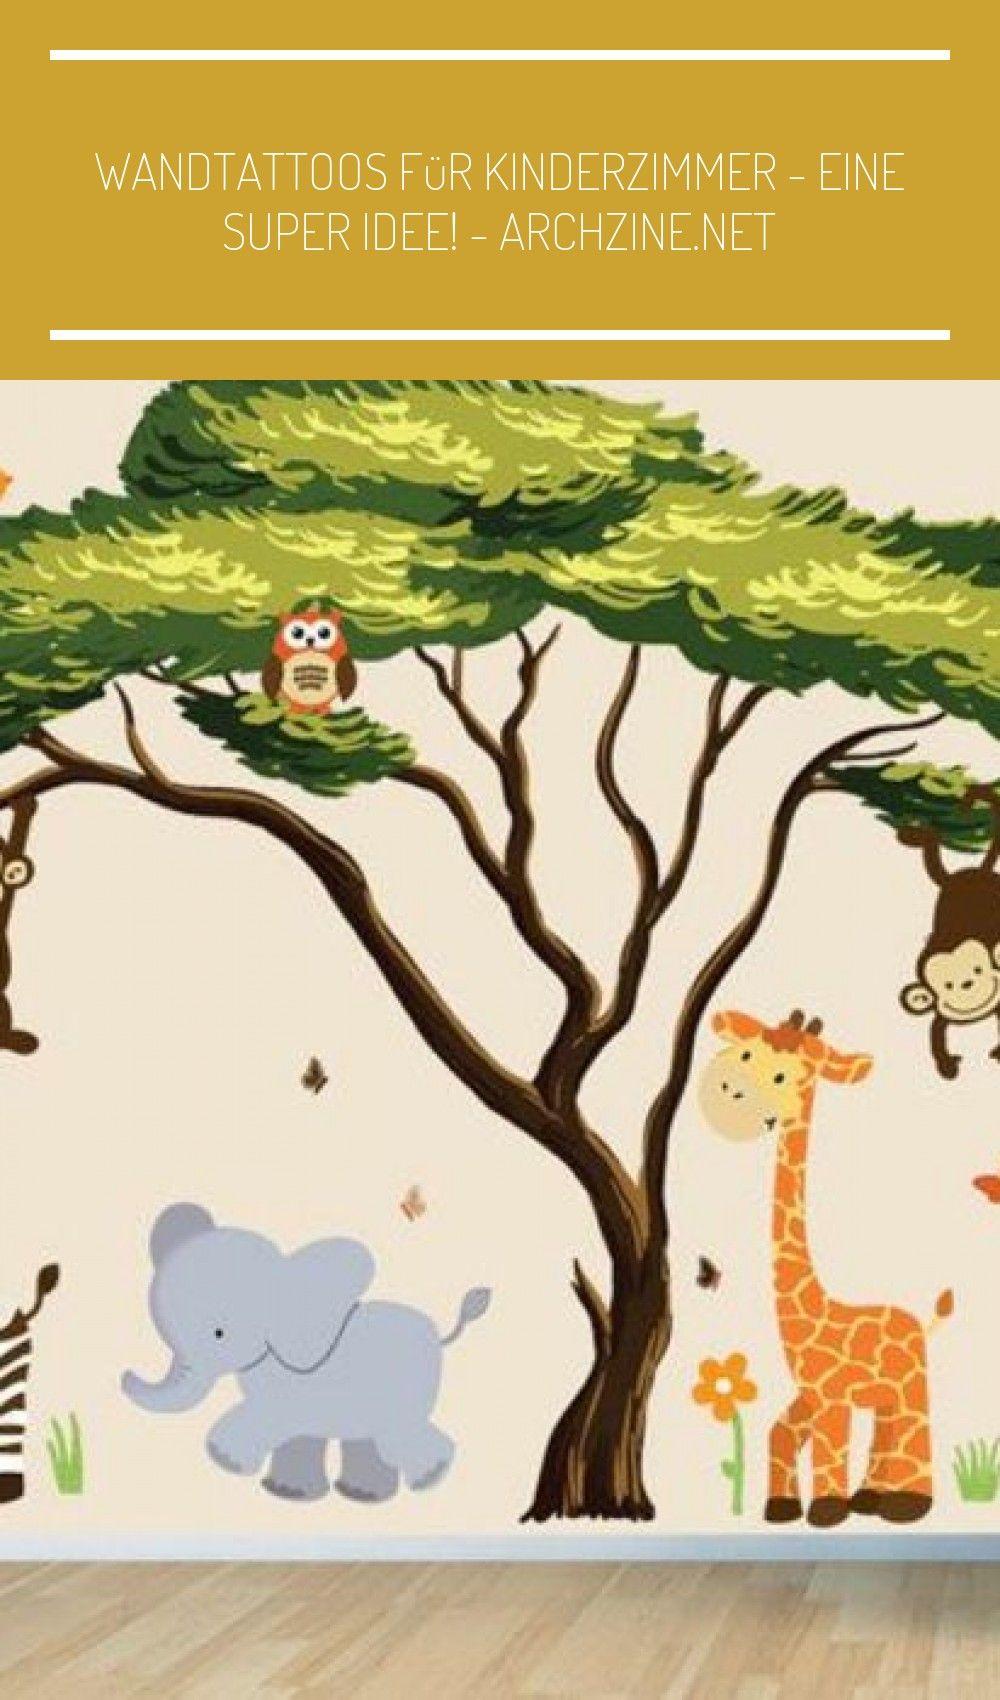 Full Size of Wandtattoo Kinderzimmer Tiere Safari Dschungel Babyzimmer Wandtattoos Wohnzimmer Bad Regal Weiß Sprüche Küche Regale Schlafzimmer Badezimmer Kinderzimmer Wandtattoo Kinderzimmer Tiere